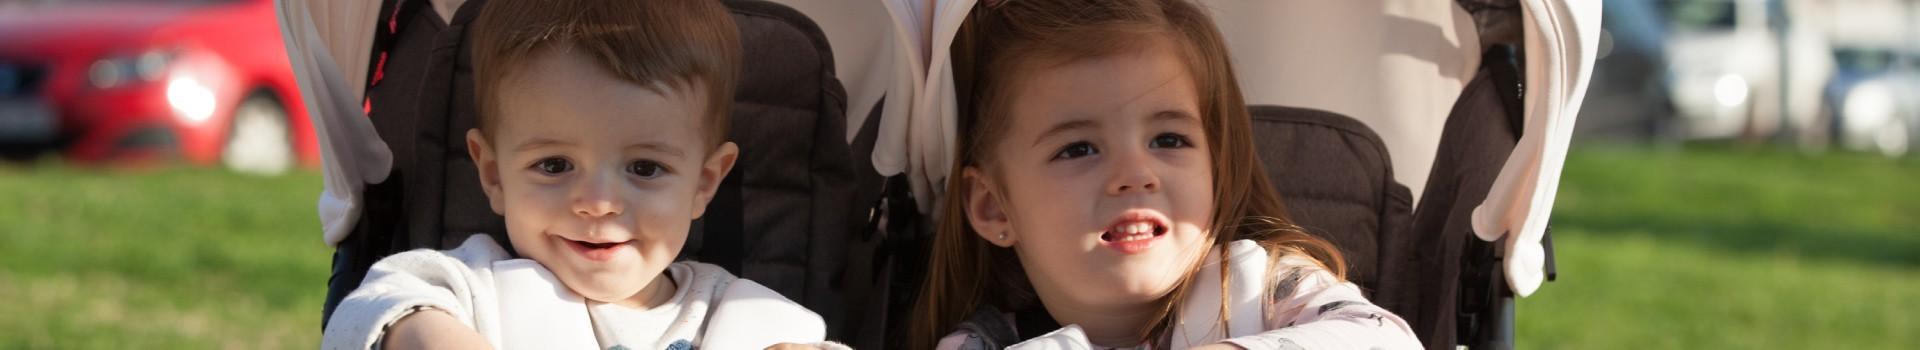 Sacs de transport pour le siège bébé | Baby Monsters